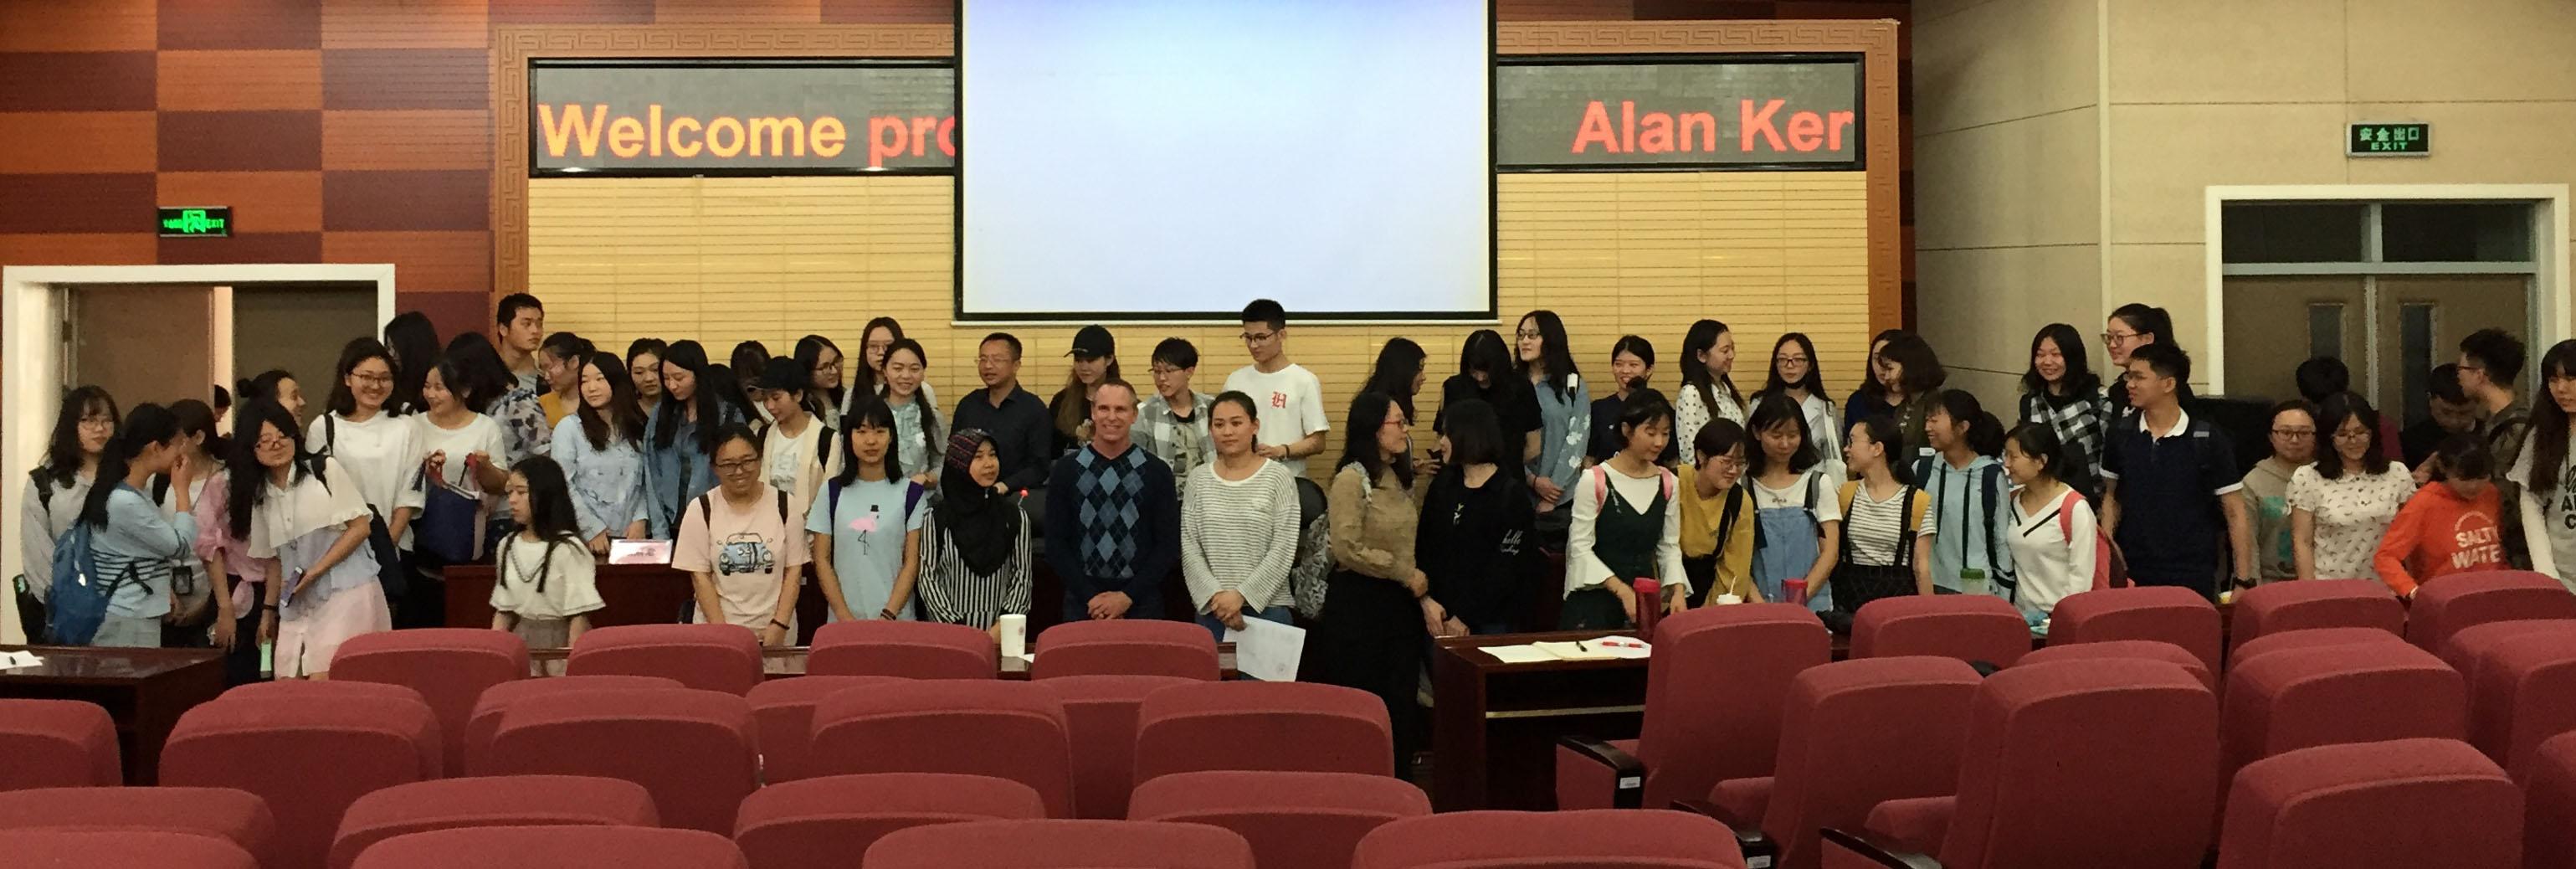 Alan Ker In China